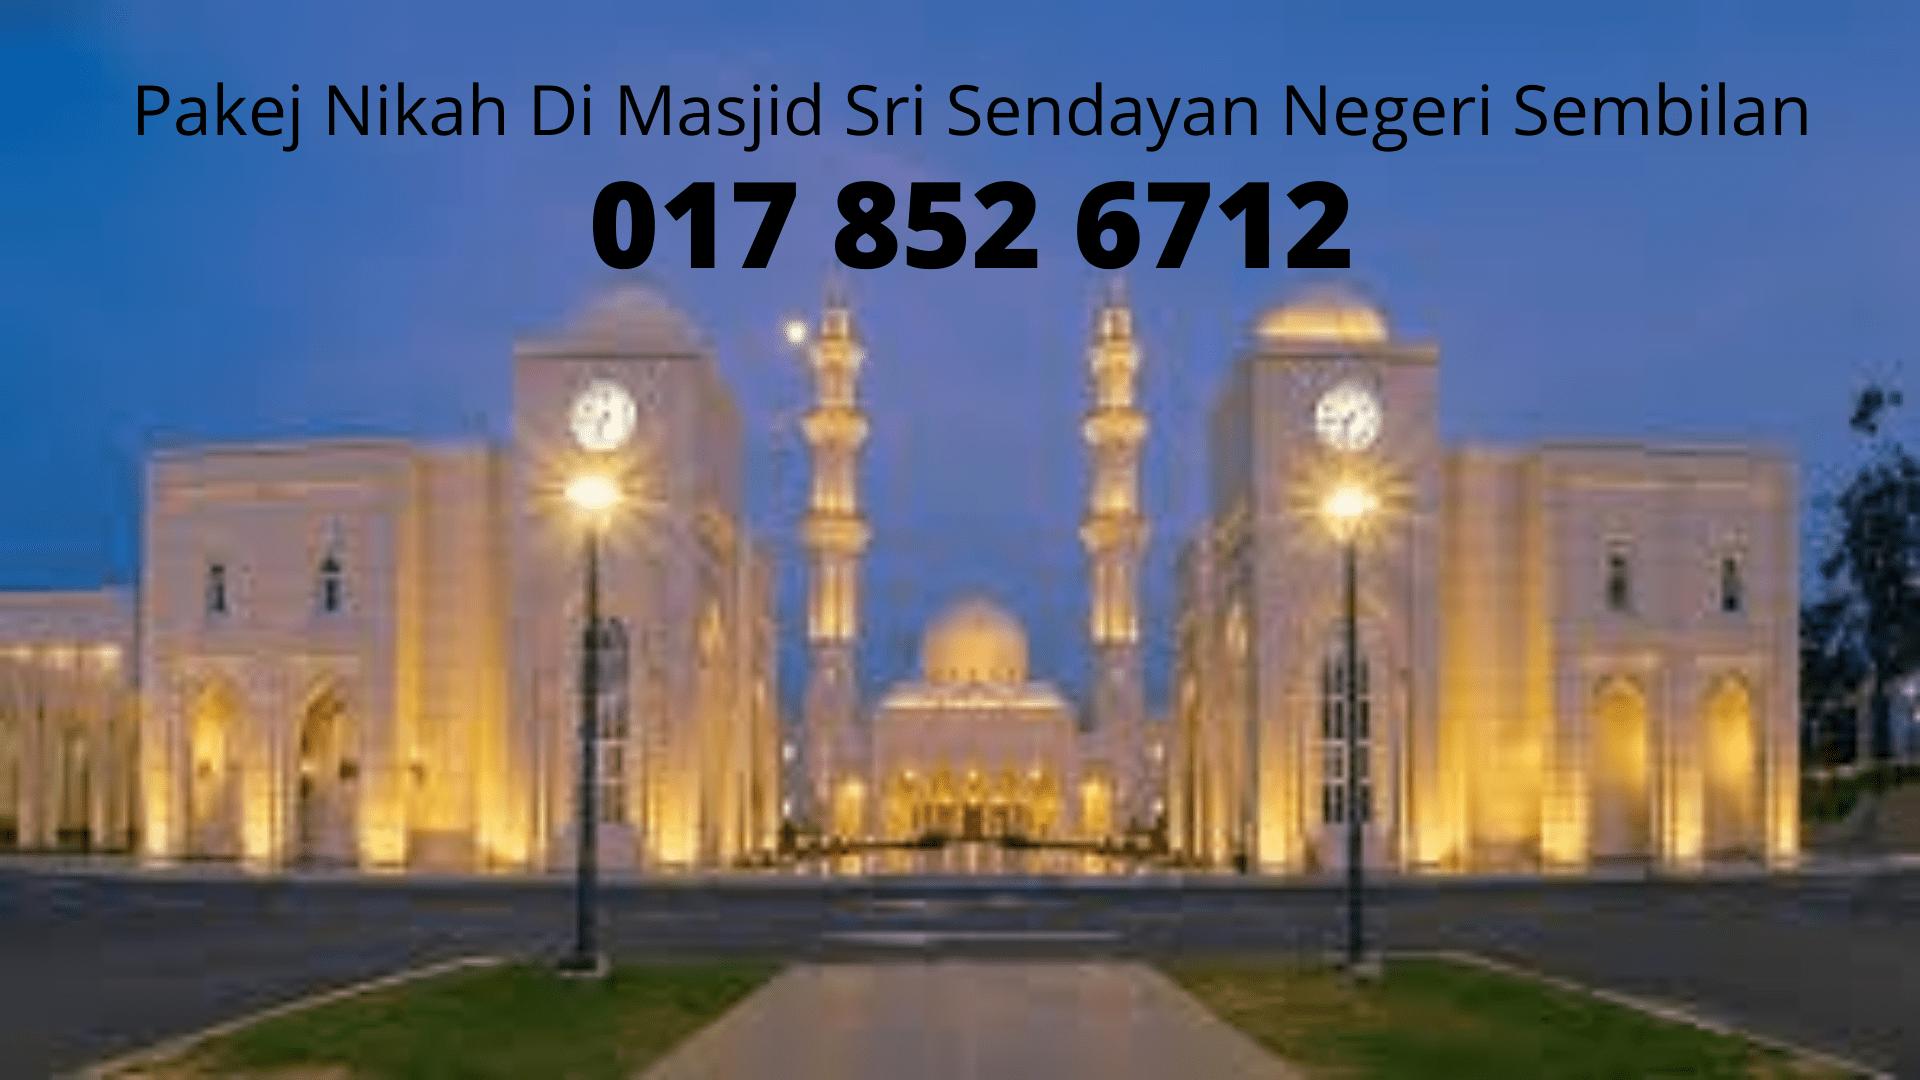 0178526712-Pakej-Nikah-Di-Masjid-Sri-Sendayan-Negeri-Sembilan